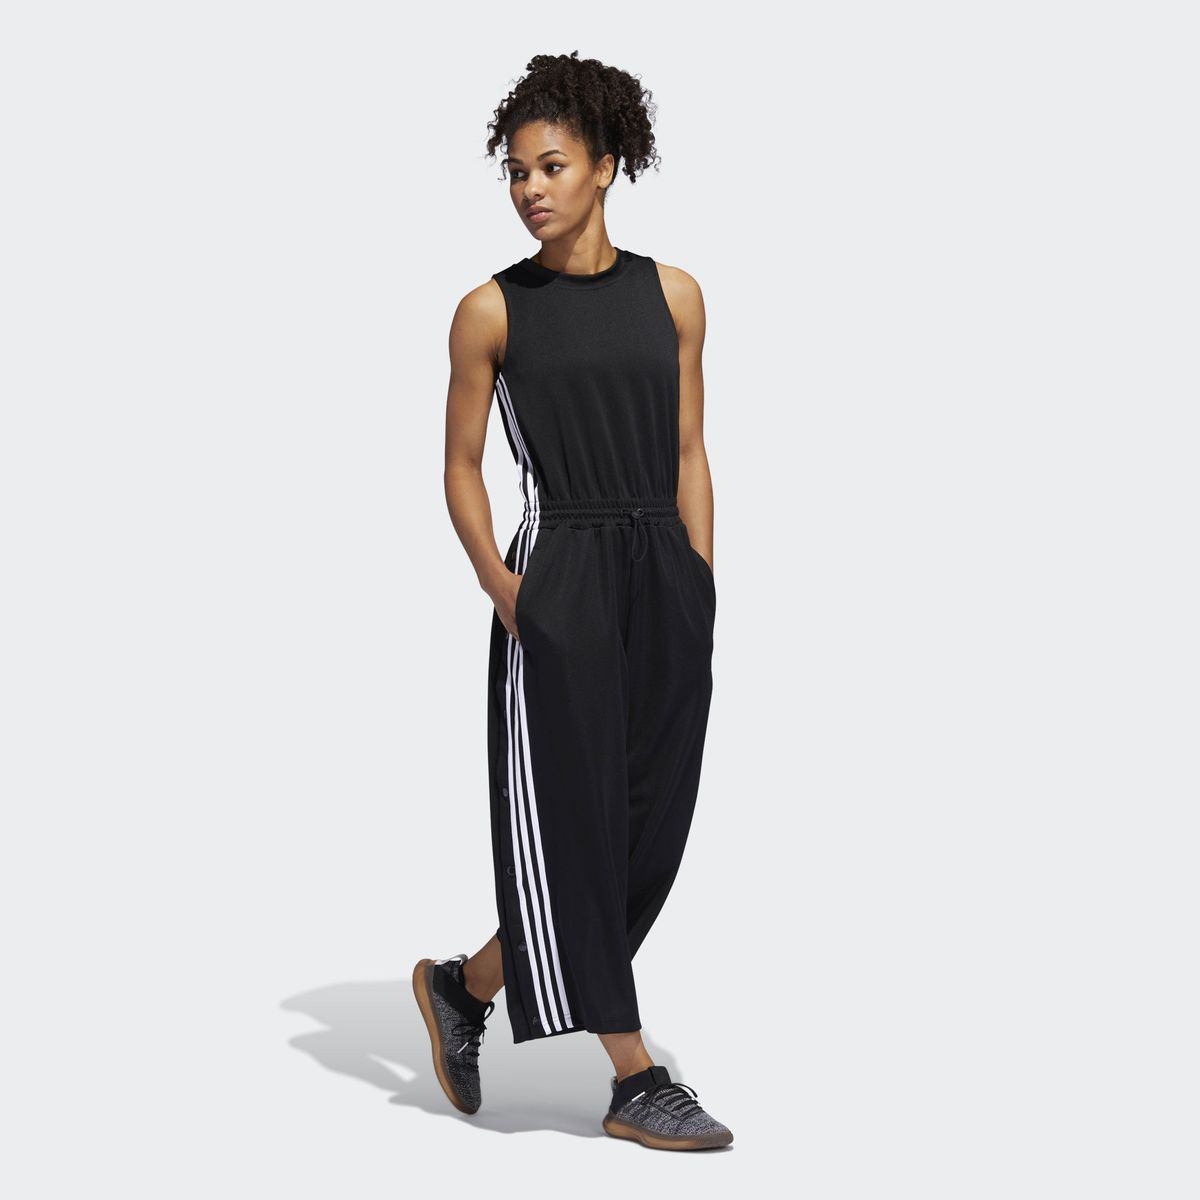 énorme inventaire arrive prix raisonnable Combi-short Cropped Leg Snap | Products | Combi, Combishort ...